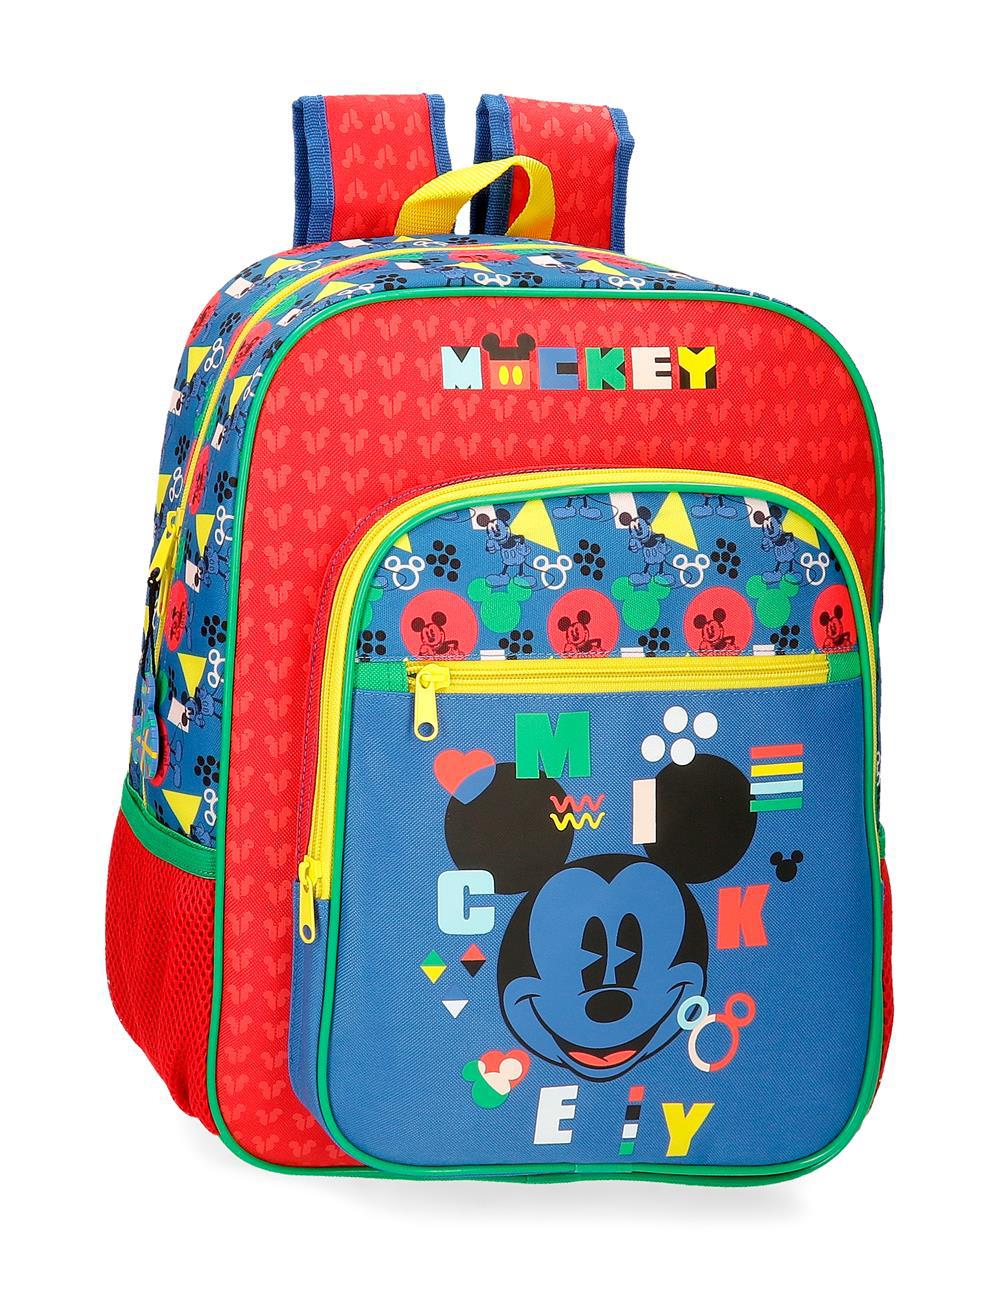 4382321 Mochila 38cm Mickey shape shifter